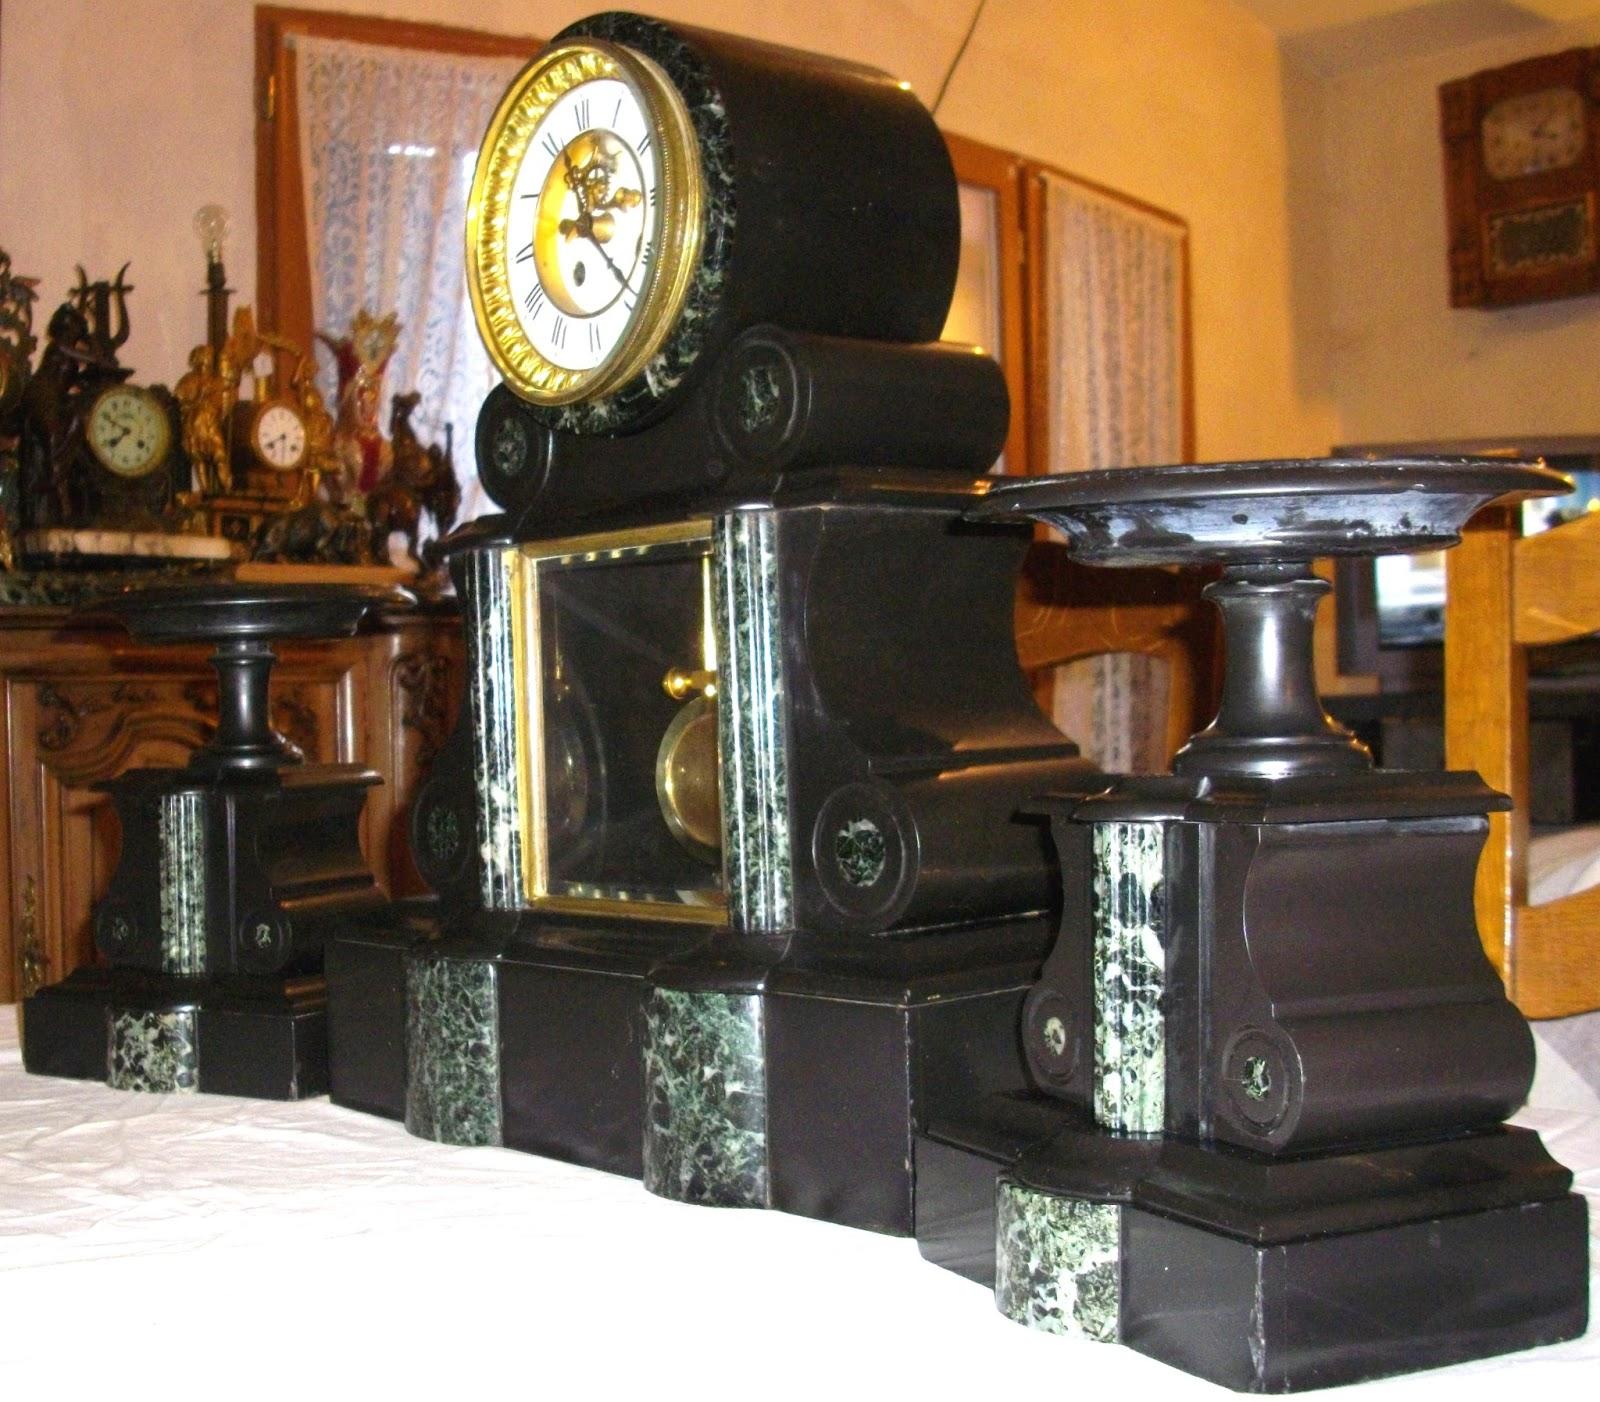 de chemin e napol on iii pendule de notaire mouvement de paris chappement avant. Black Bedroom Furniture Sets. Home Design Ideas